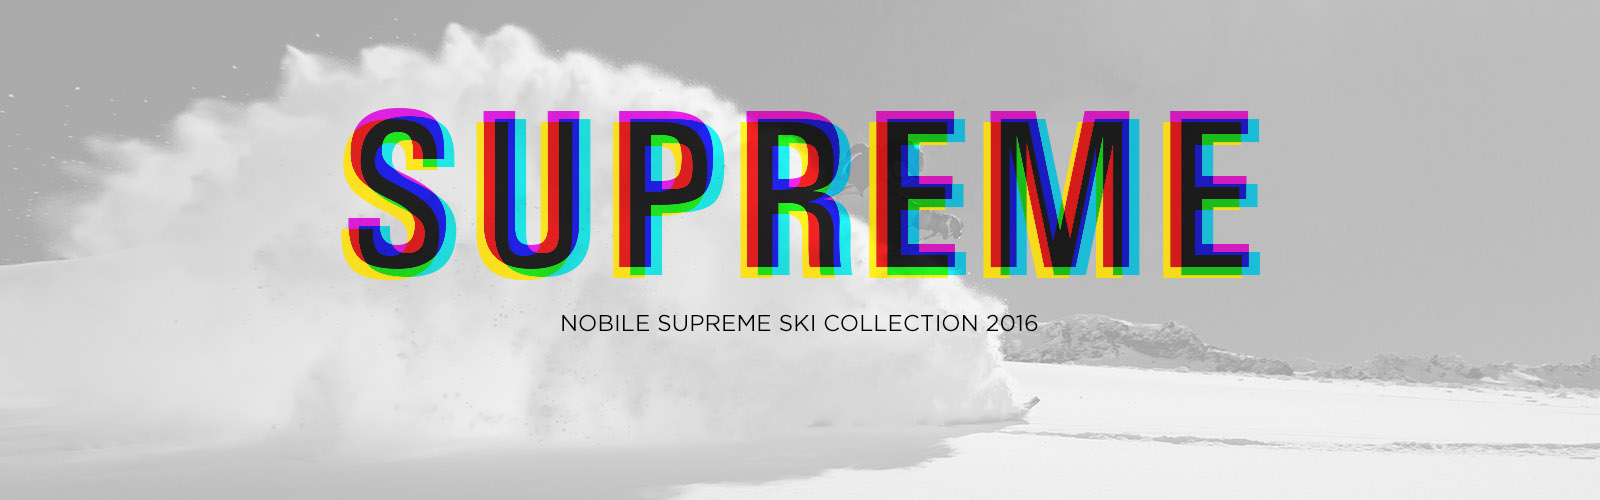 SUPREME SKIS 2016/17 (C)